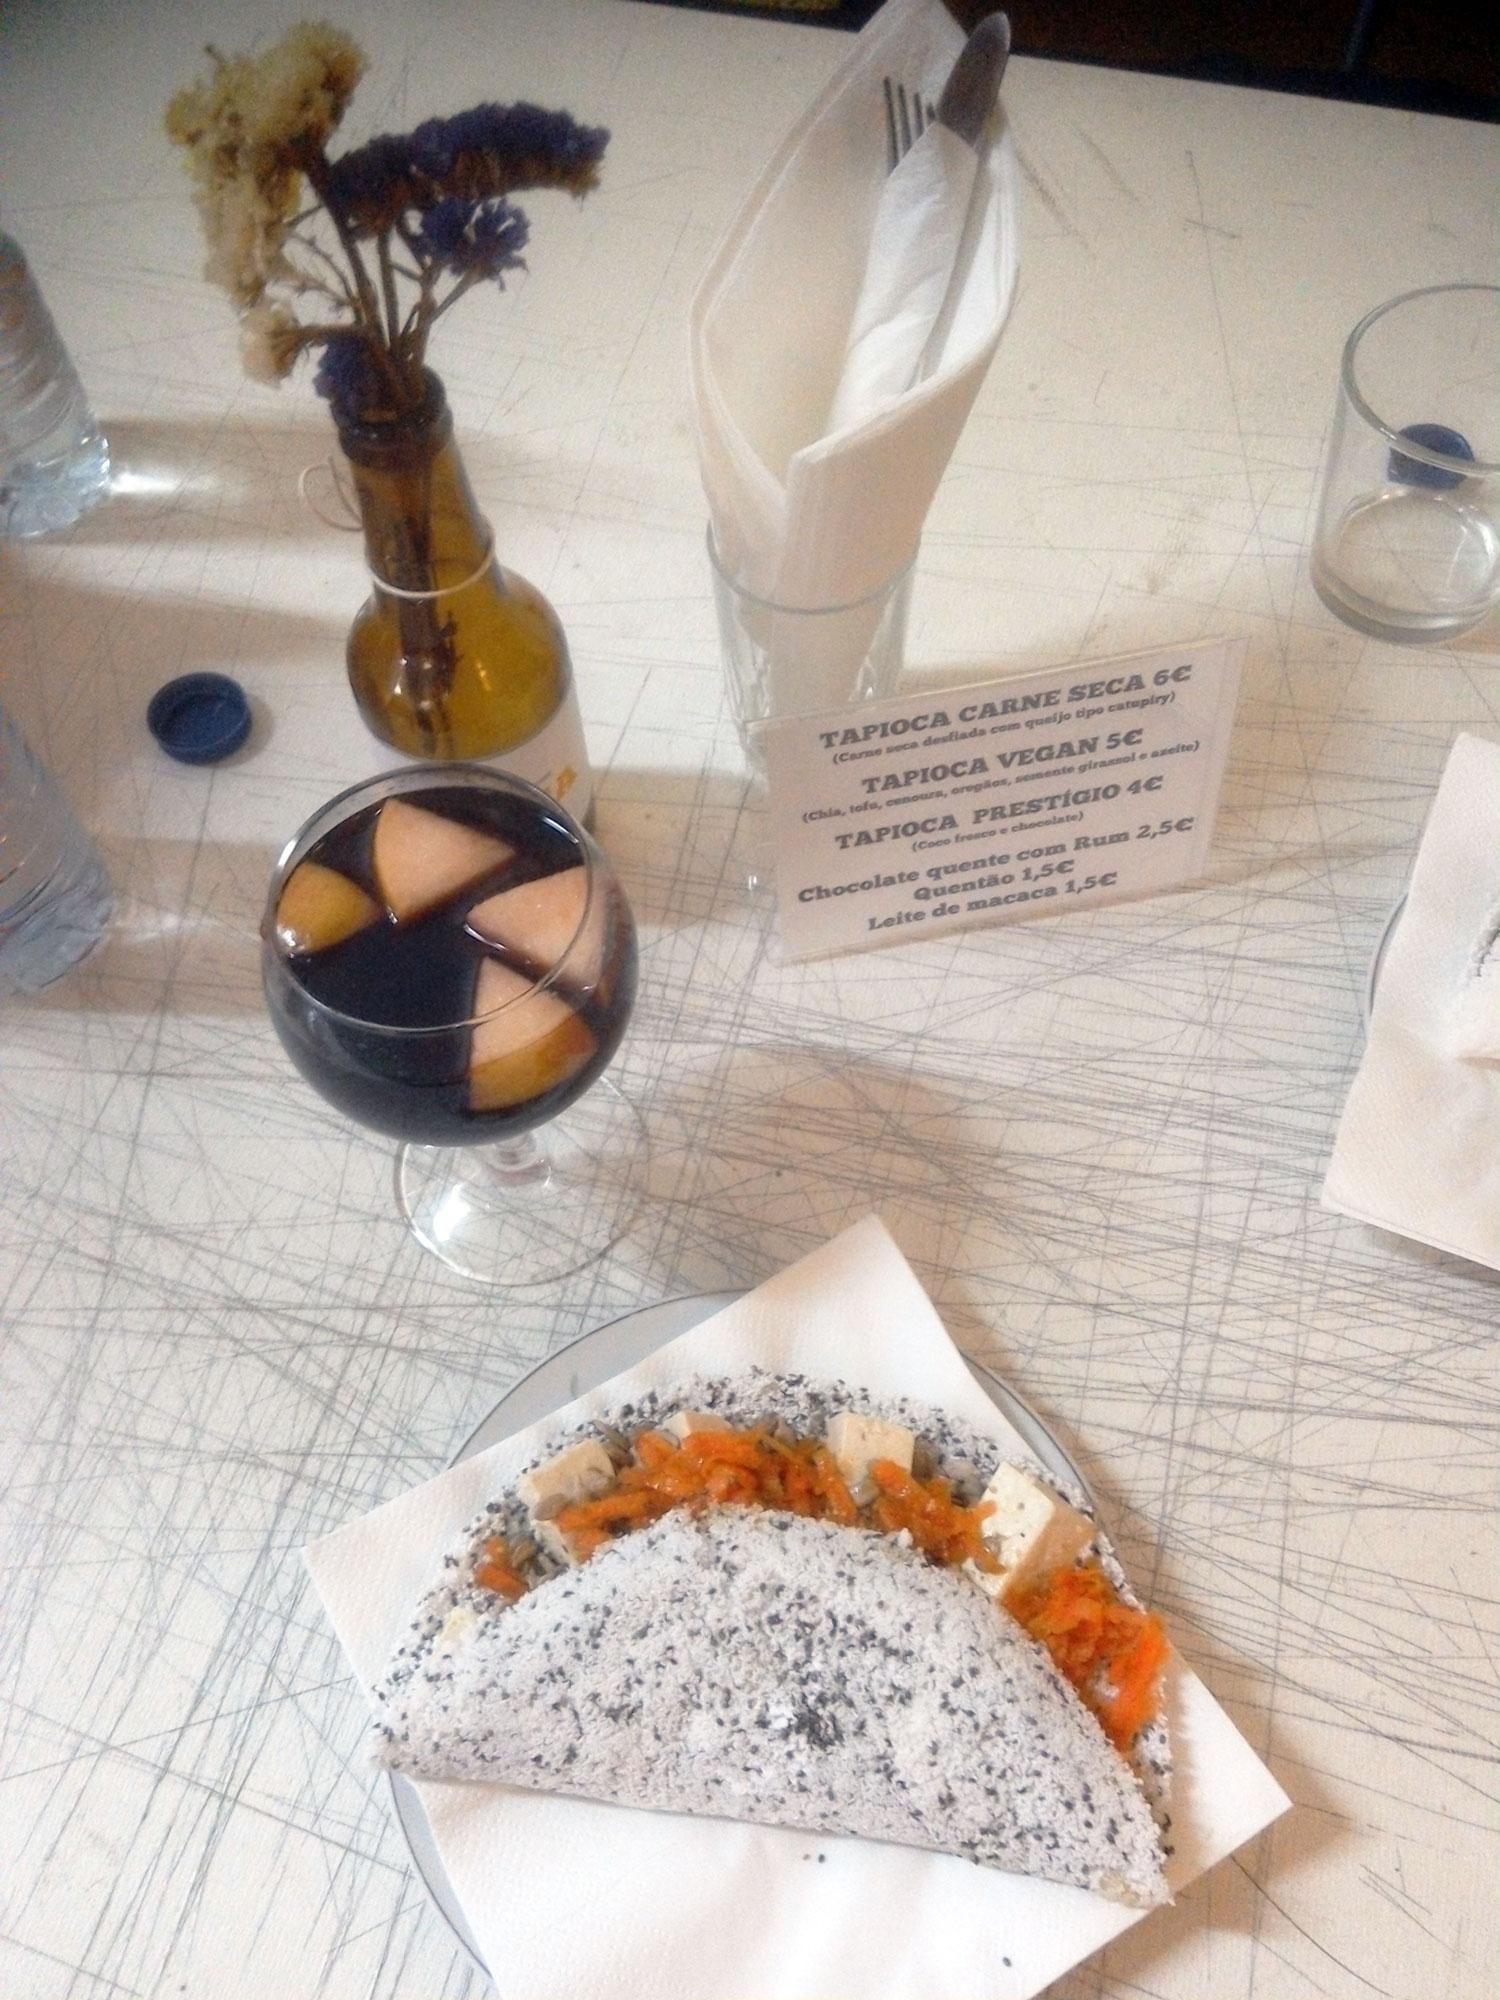 Tapioca-brazil-lisbon-pancake1